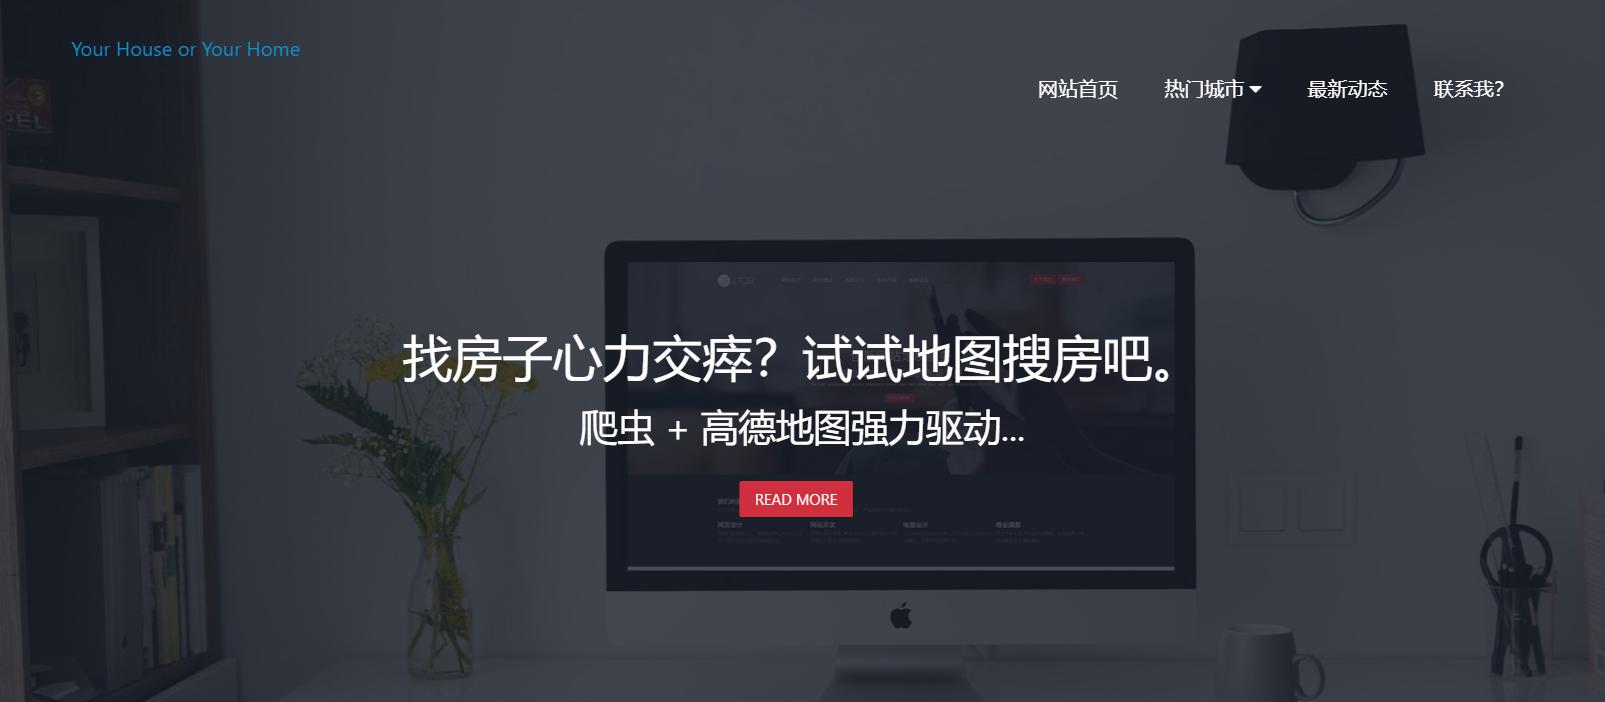 哪个网站房源多_找房子、租房子用哪个网站更好,为什么? - 知乎